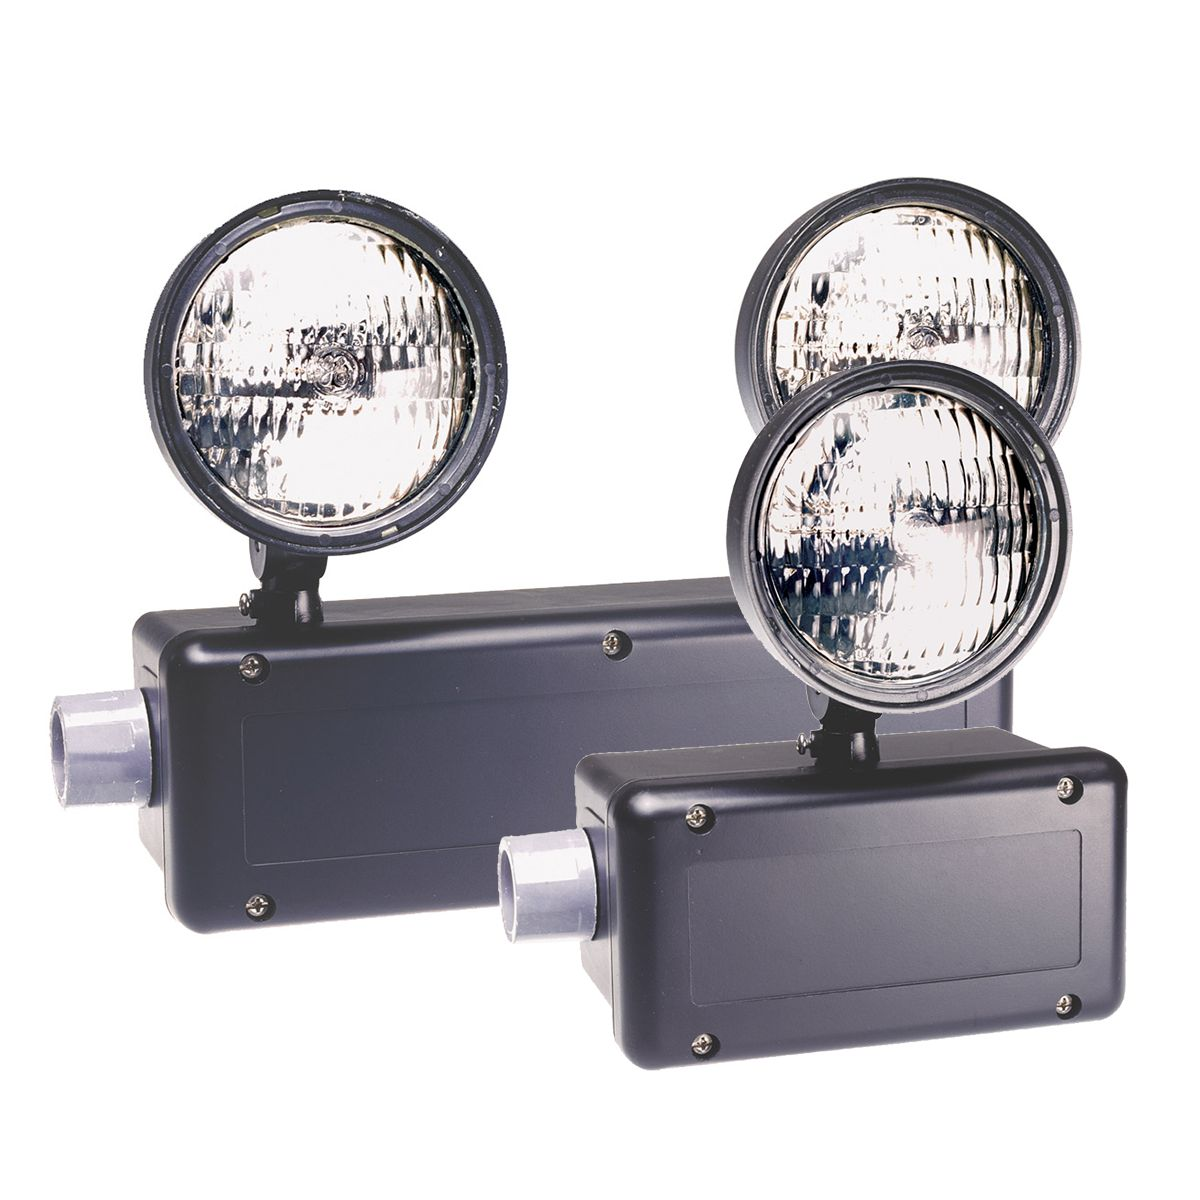 C1d2rc1d2tr remote heads fixtures emergency exit lighting c1d2rc1d2tr arubaitofo Choice Image